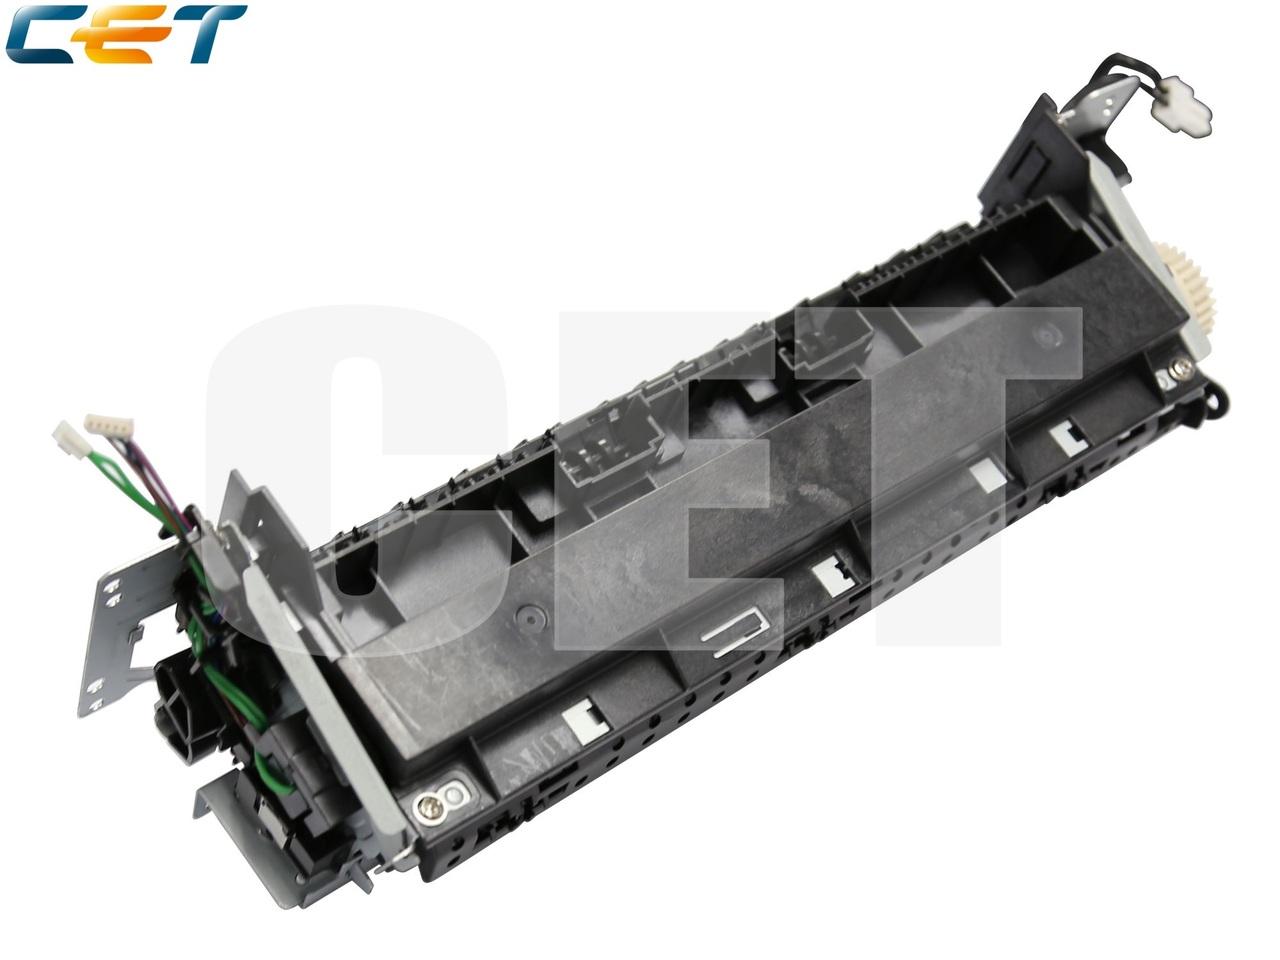 Фьюзер (печка) в сборе RM2-5692-000 для HP LaserJet ProM501/M506/M527 (CET), CET3102